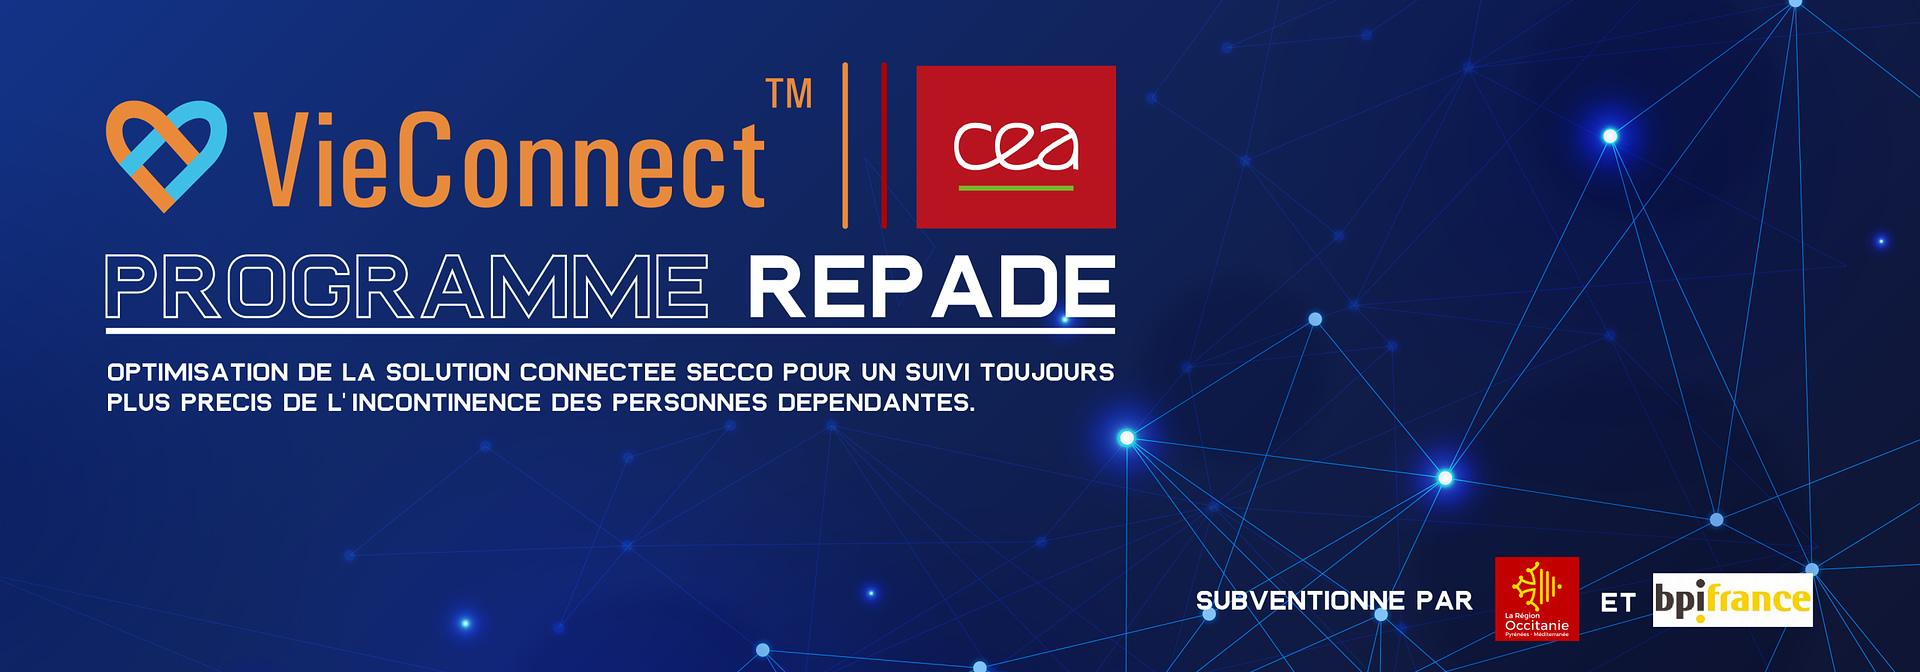 VieConnect & CEA : PROGRAMME REPADE